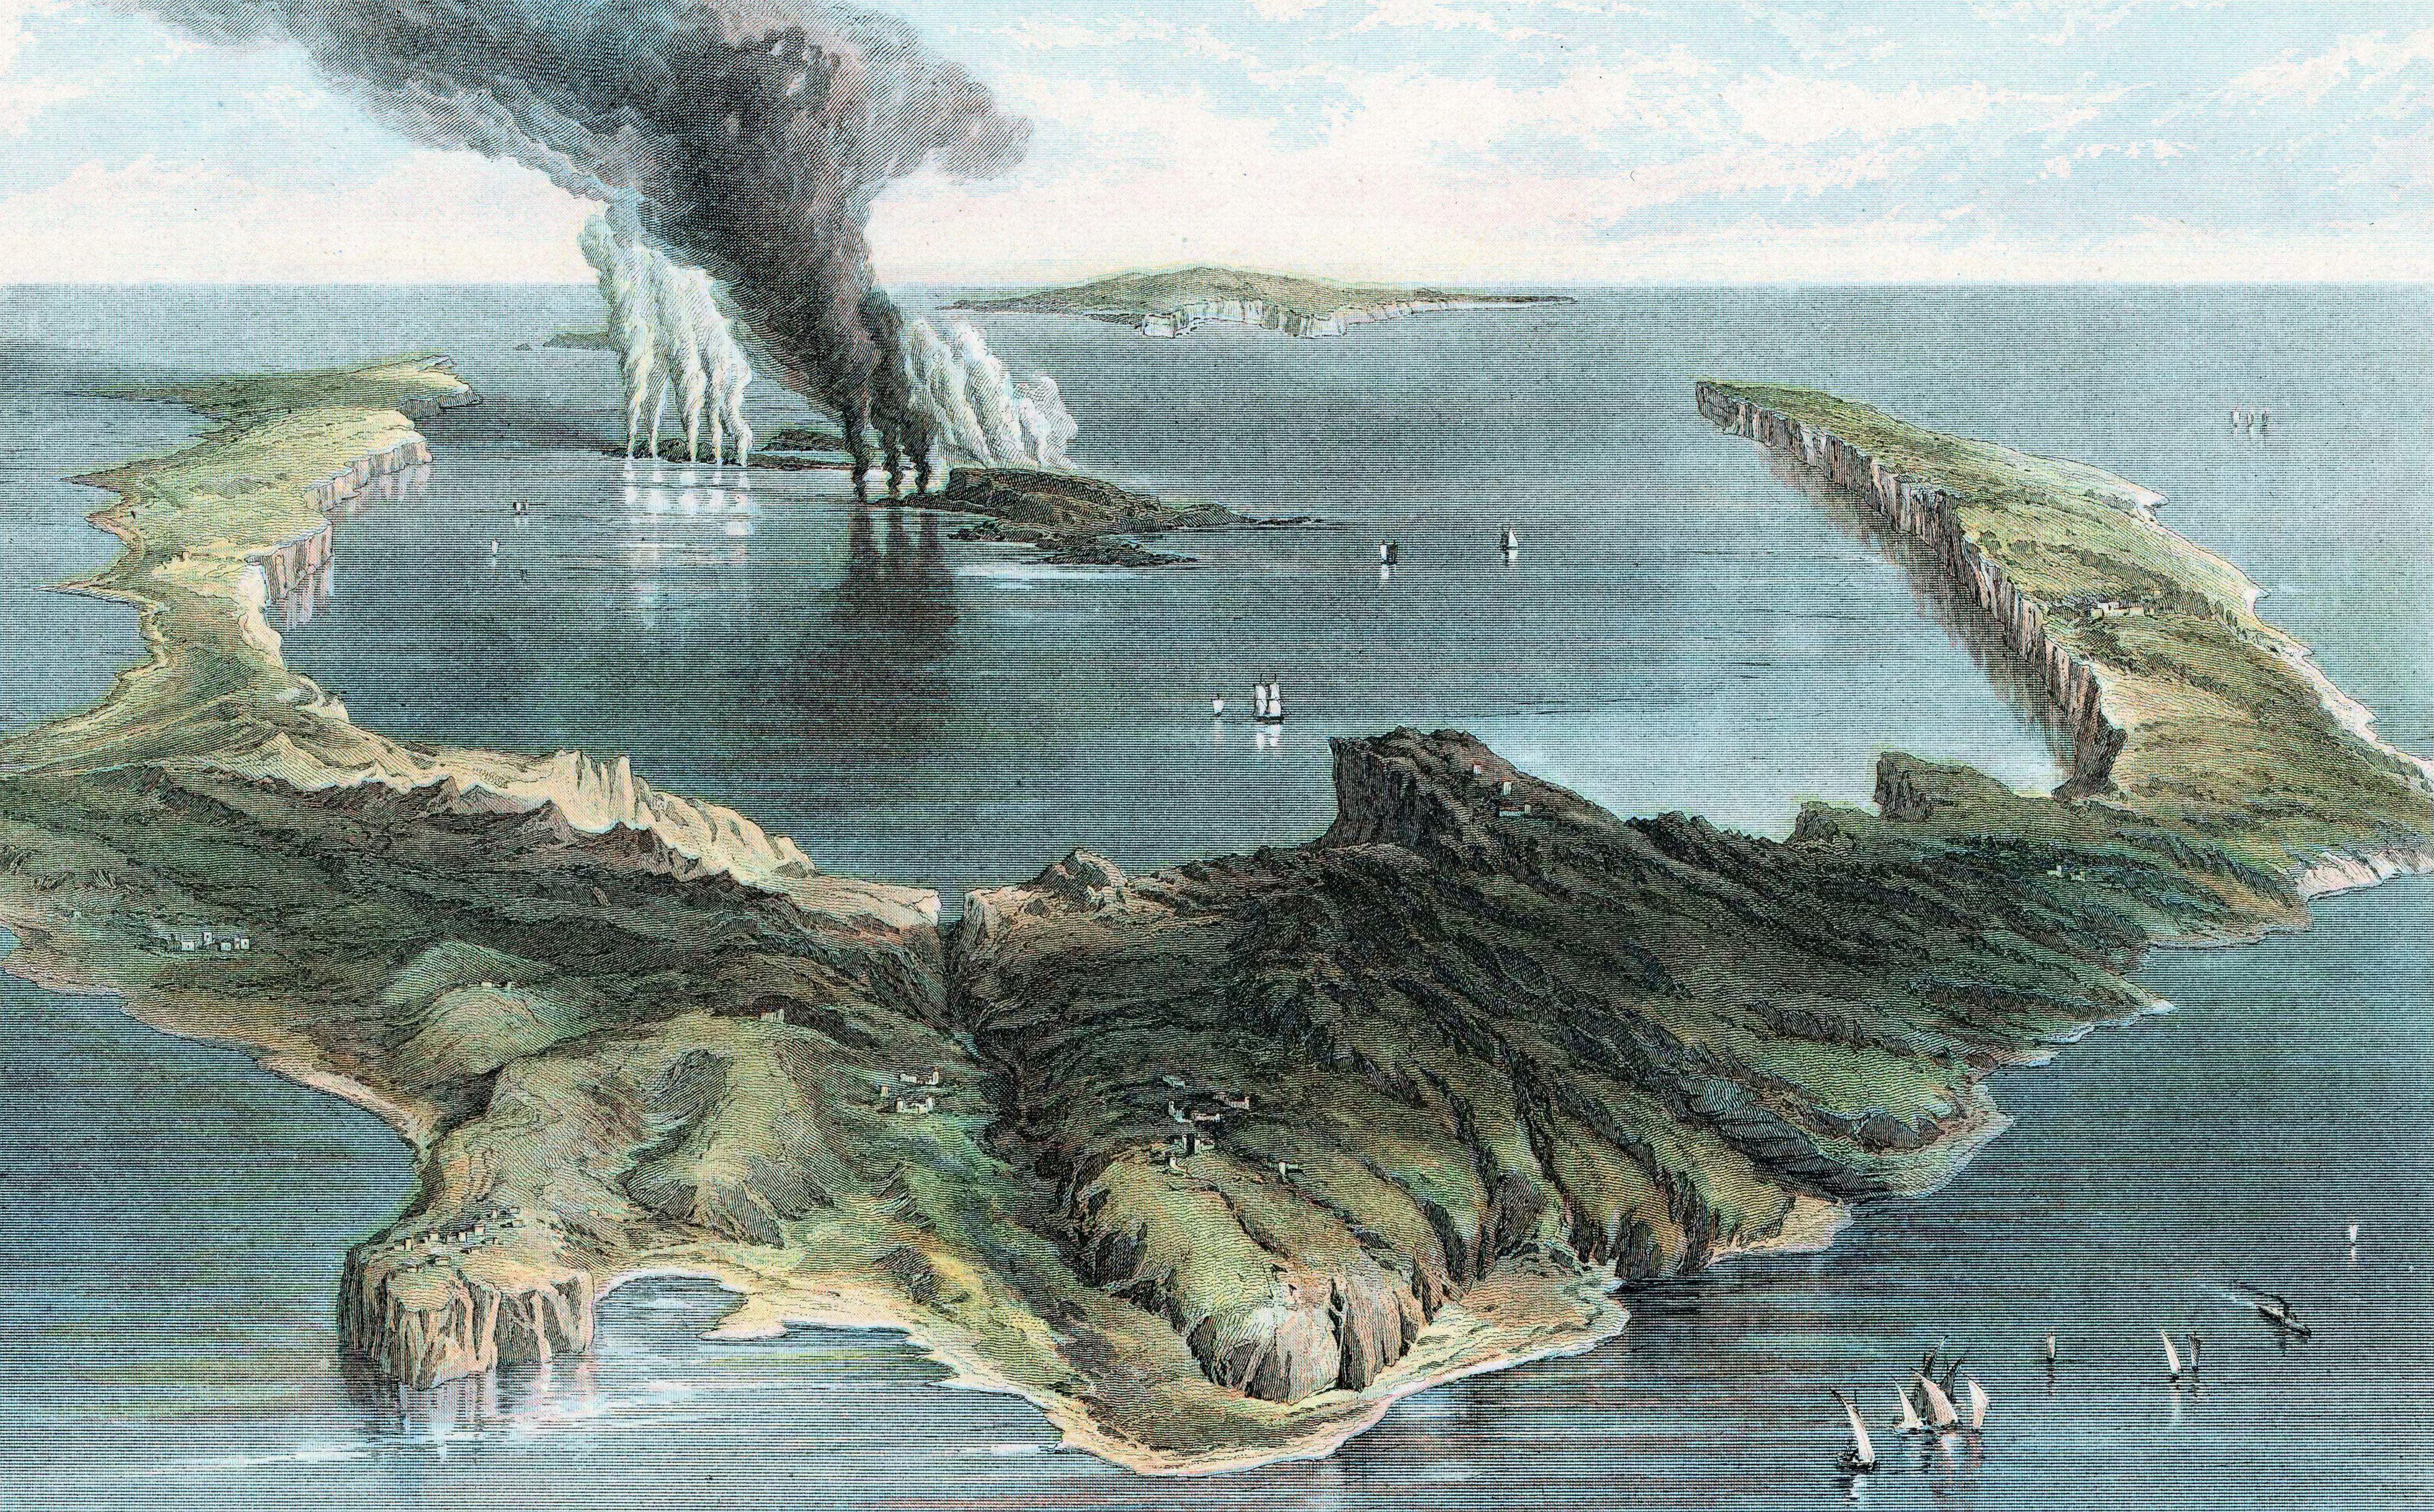 Imagini Pentru Atlantis Plato